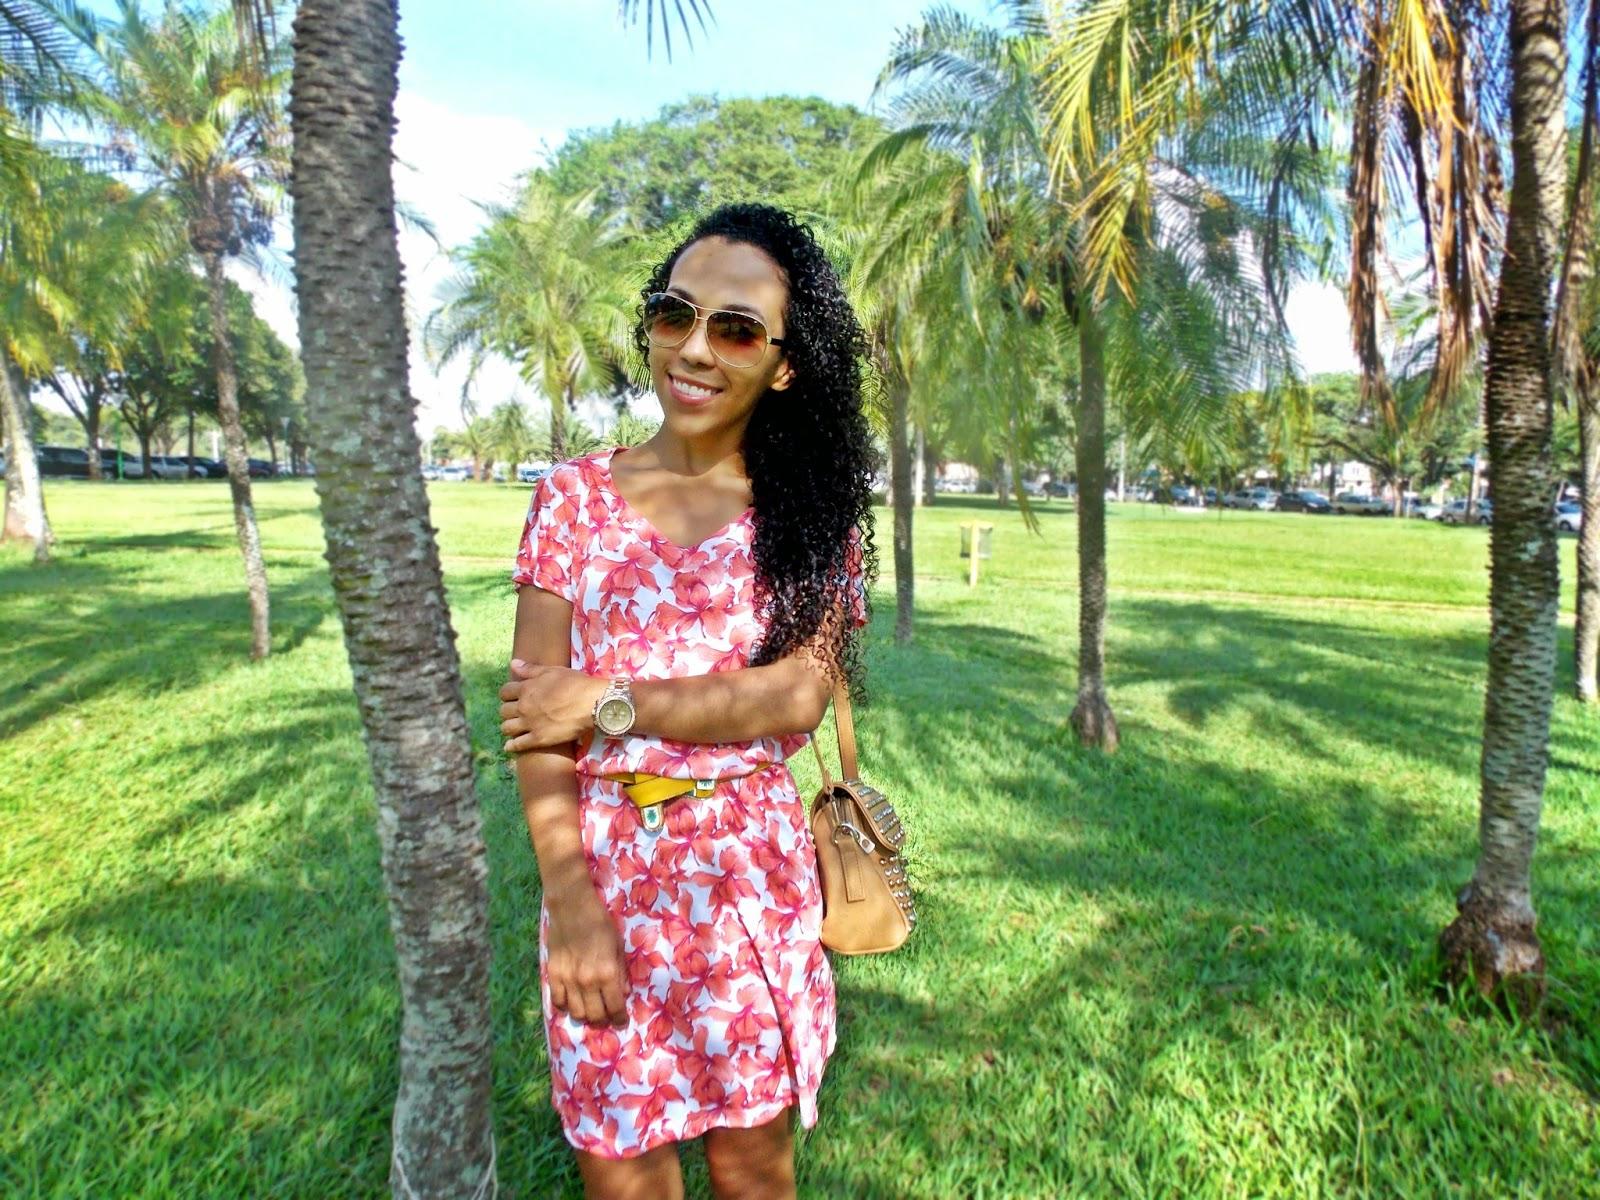 blog Gleikka, look Gleikka, vestidinho de verão, vestido estampado, look fresco, look do dia, look colorido e divertido